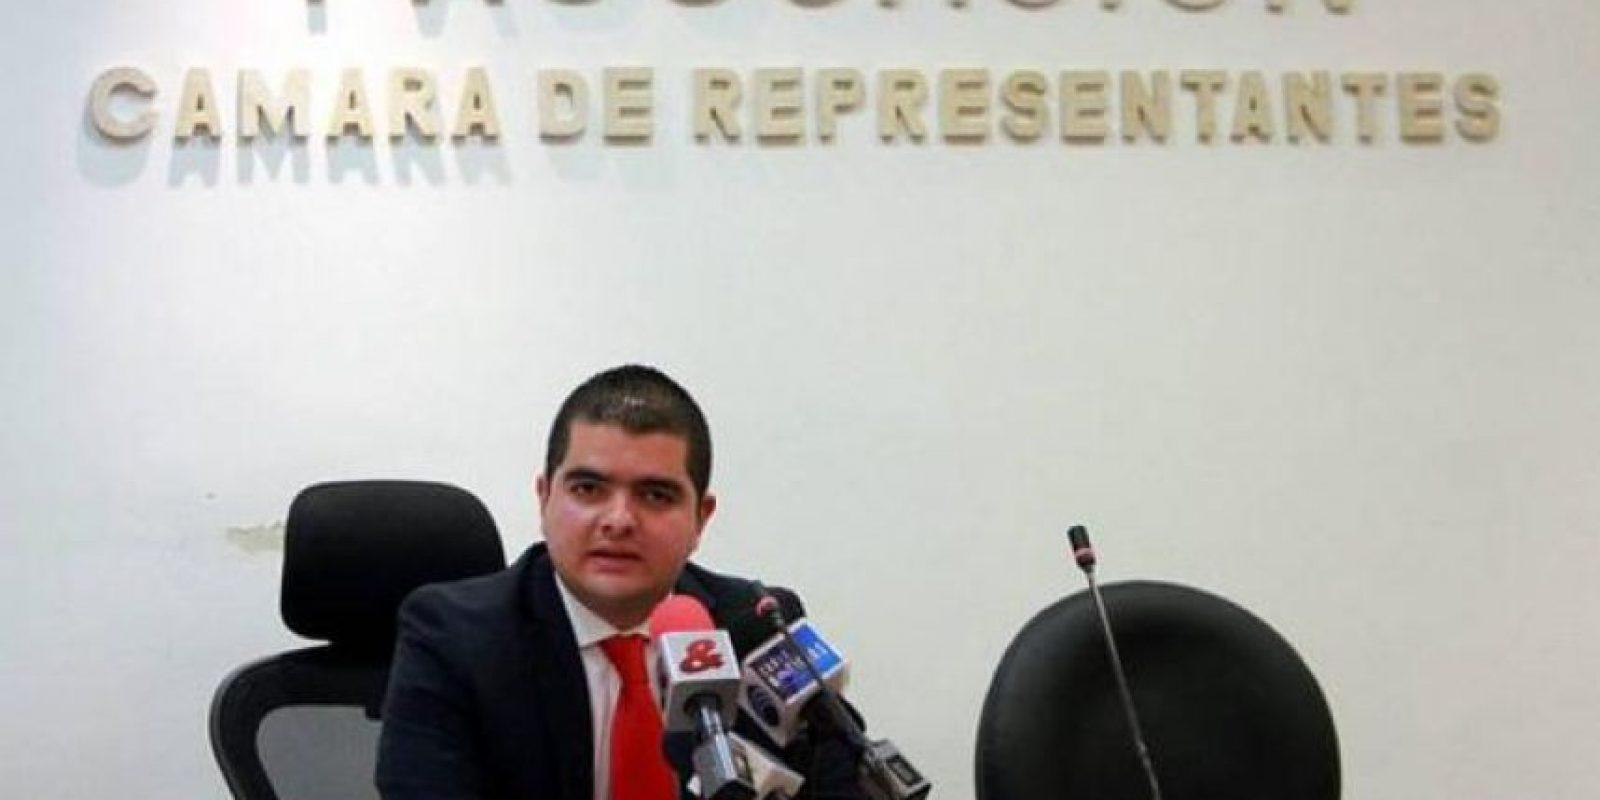 Julián Bedoya, presidente de la Comisión de Acusaciones de la Cámara. Foto:Tomada de www.vanguardia.com.